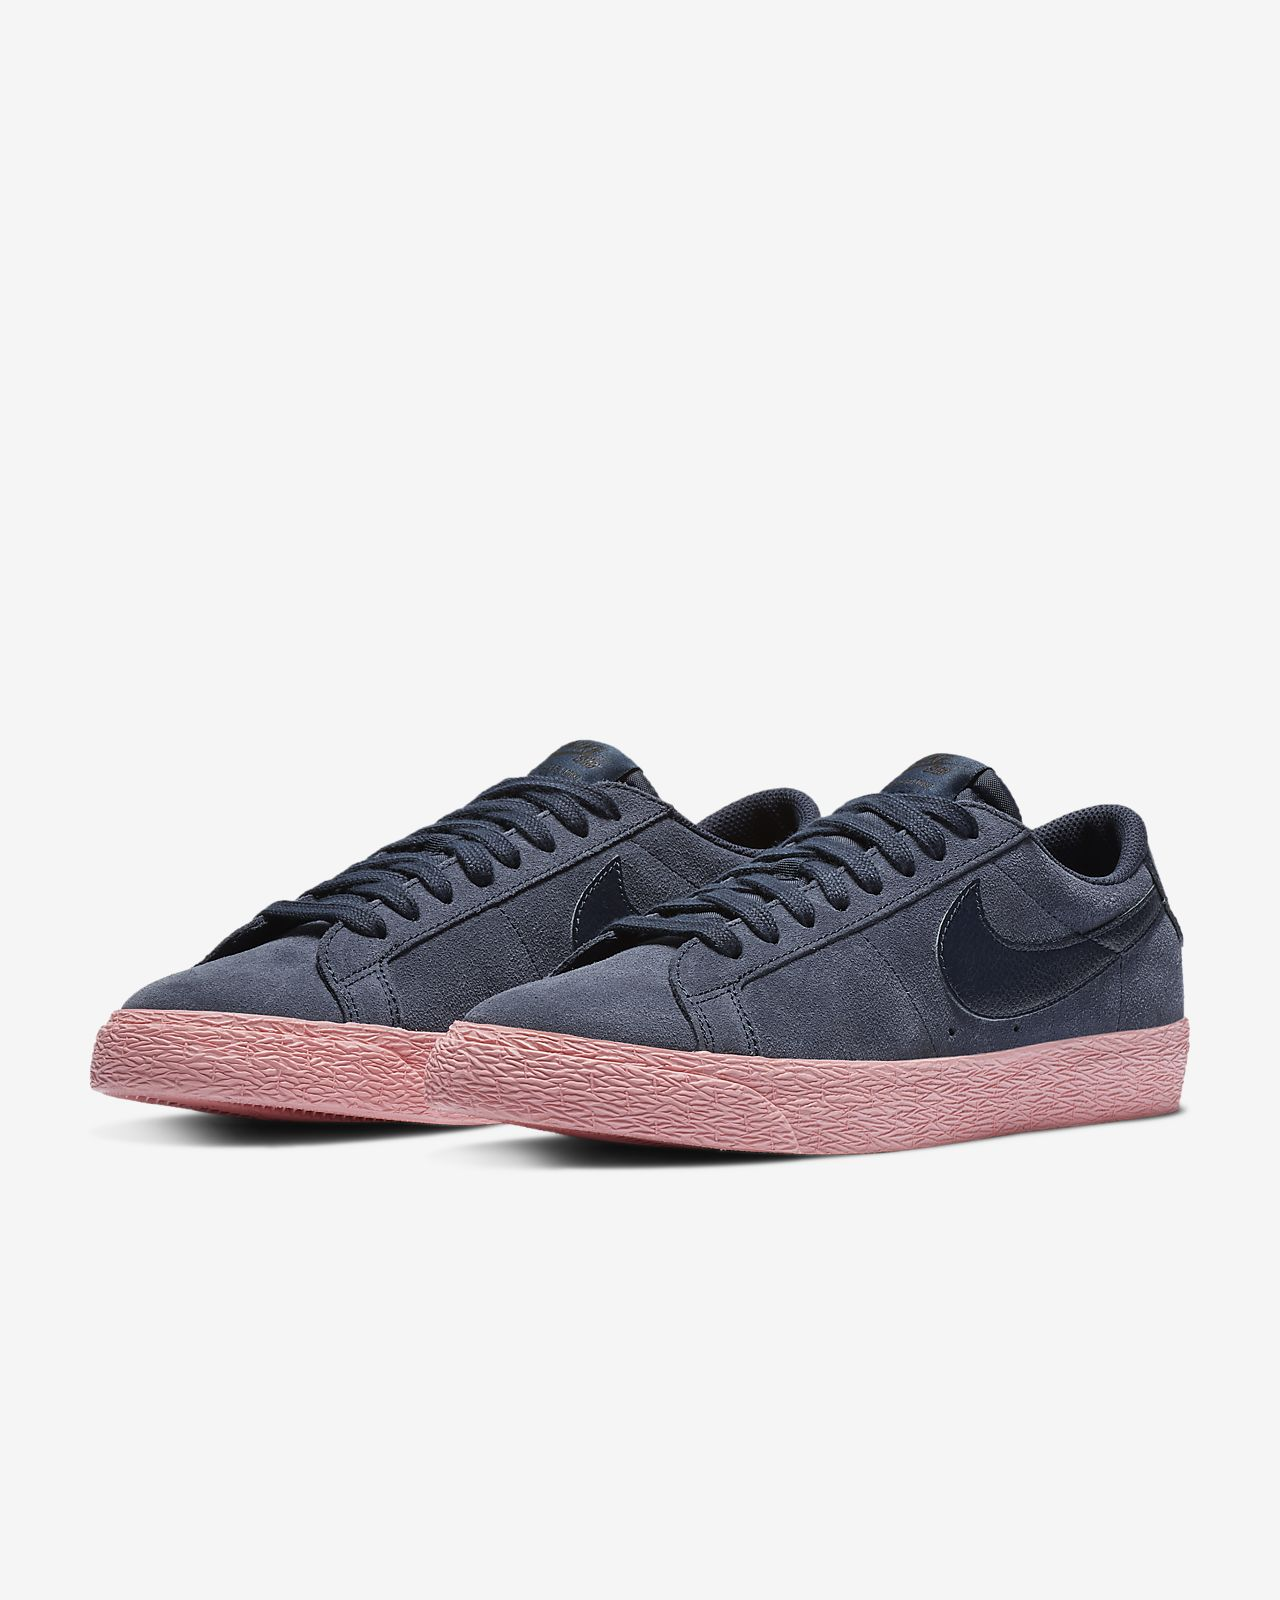 c867fbfd8a5 Nike SB Blazer Zoom Low Zapatillas de skateboard - Hombre. Nike.com ES